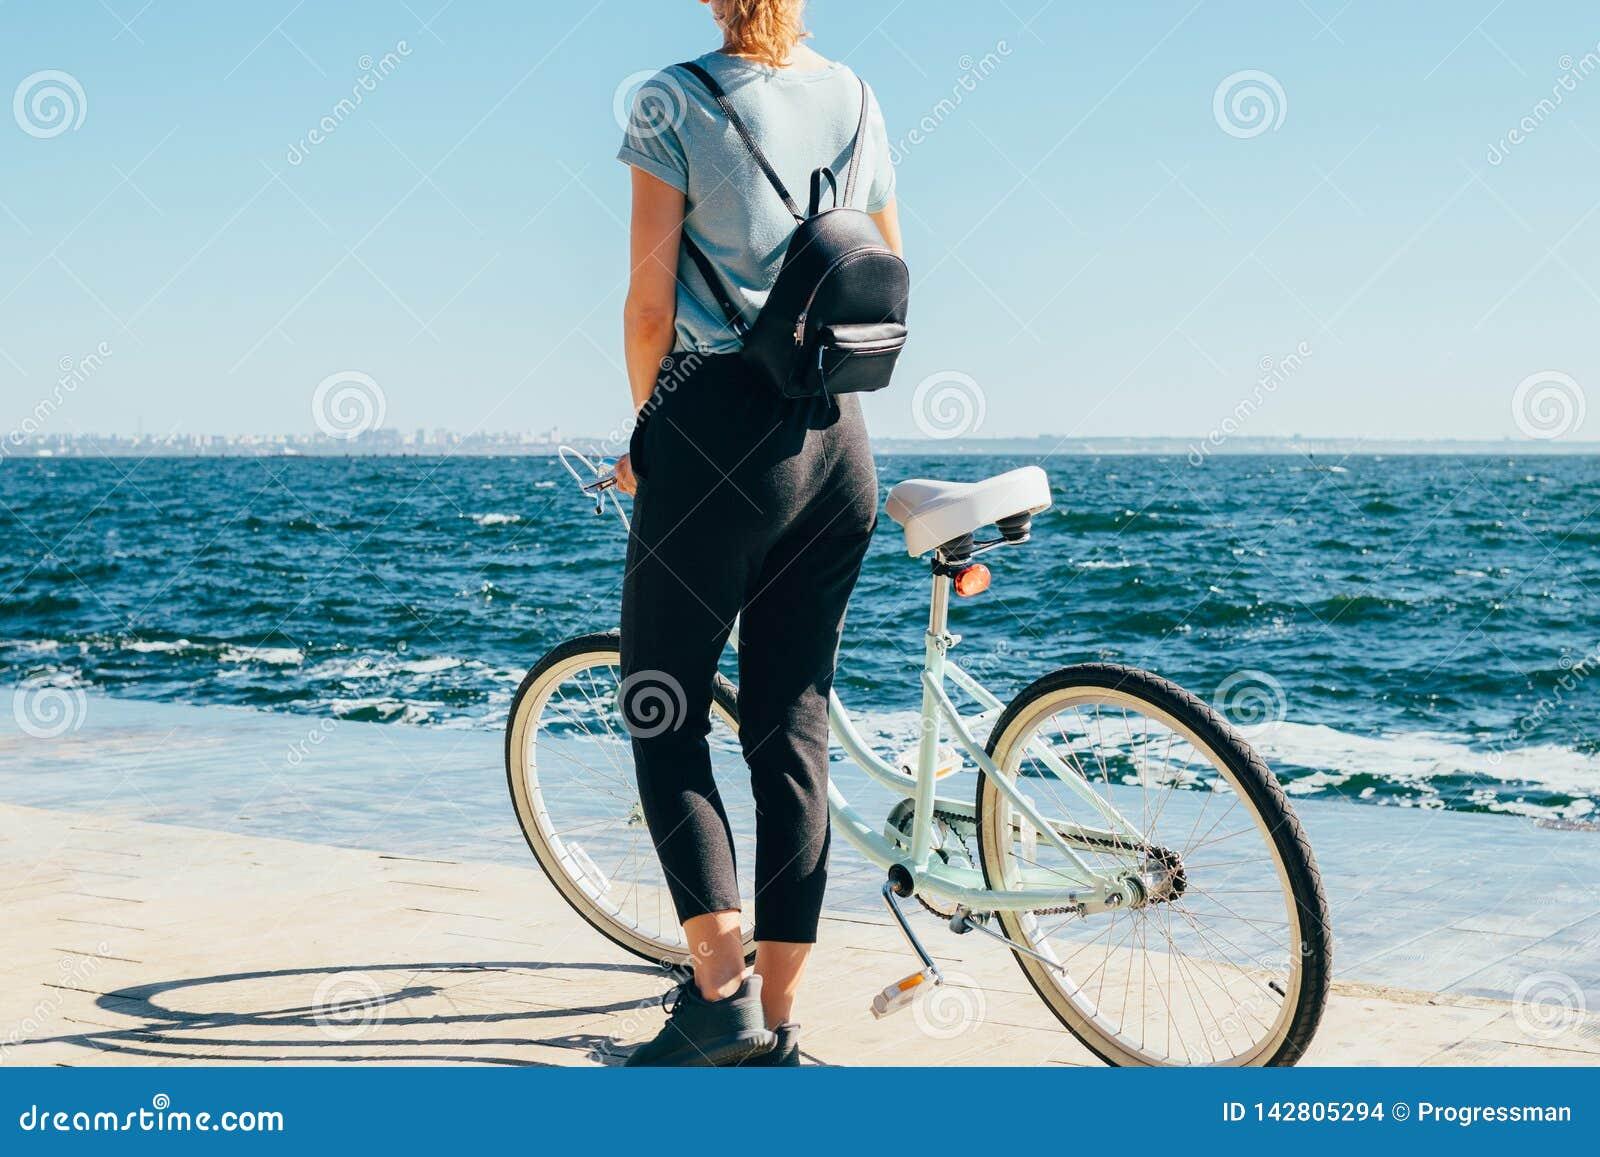 Вид сзади женщины на обваловке на солнечном летнем дне